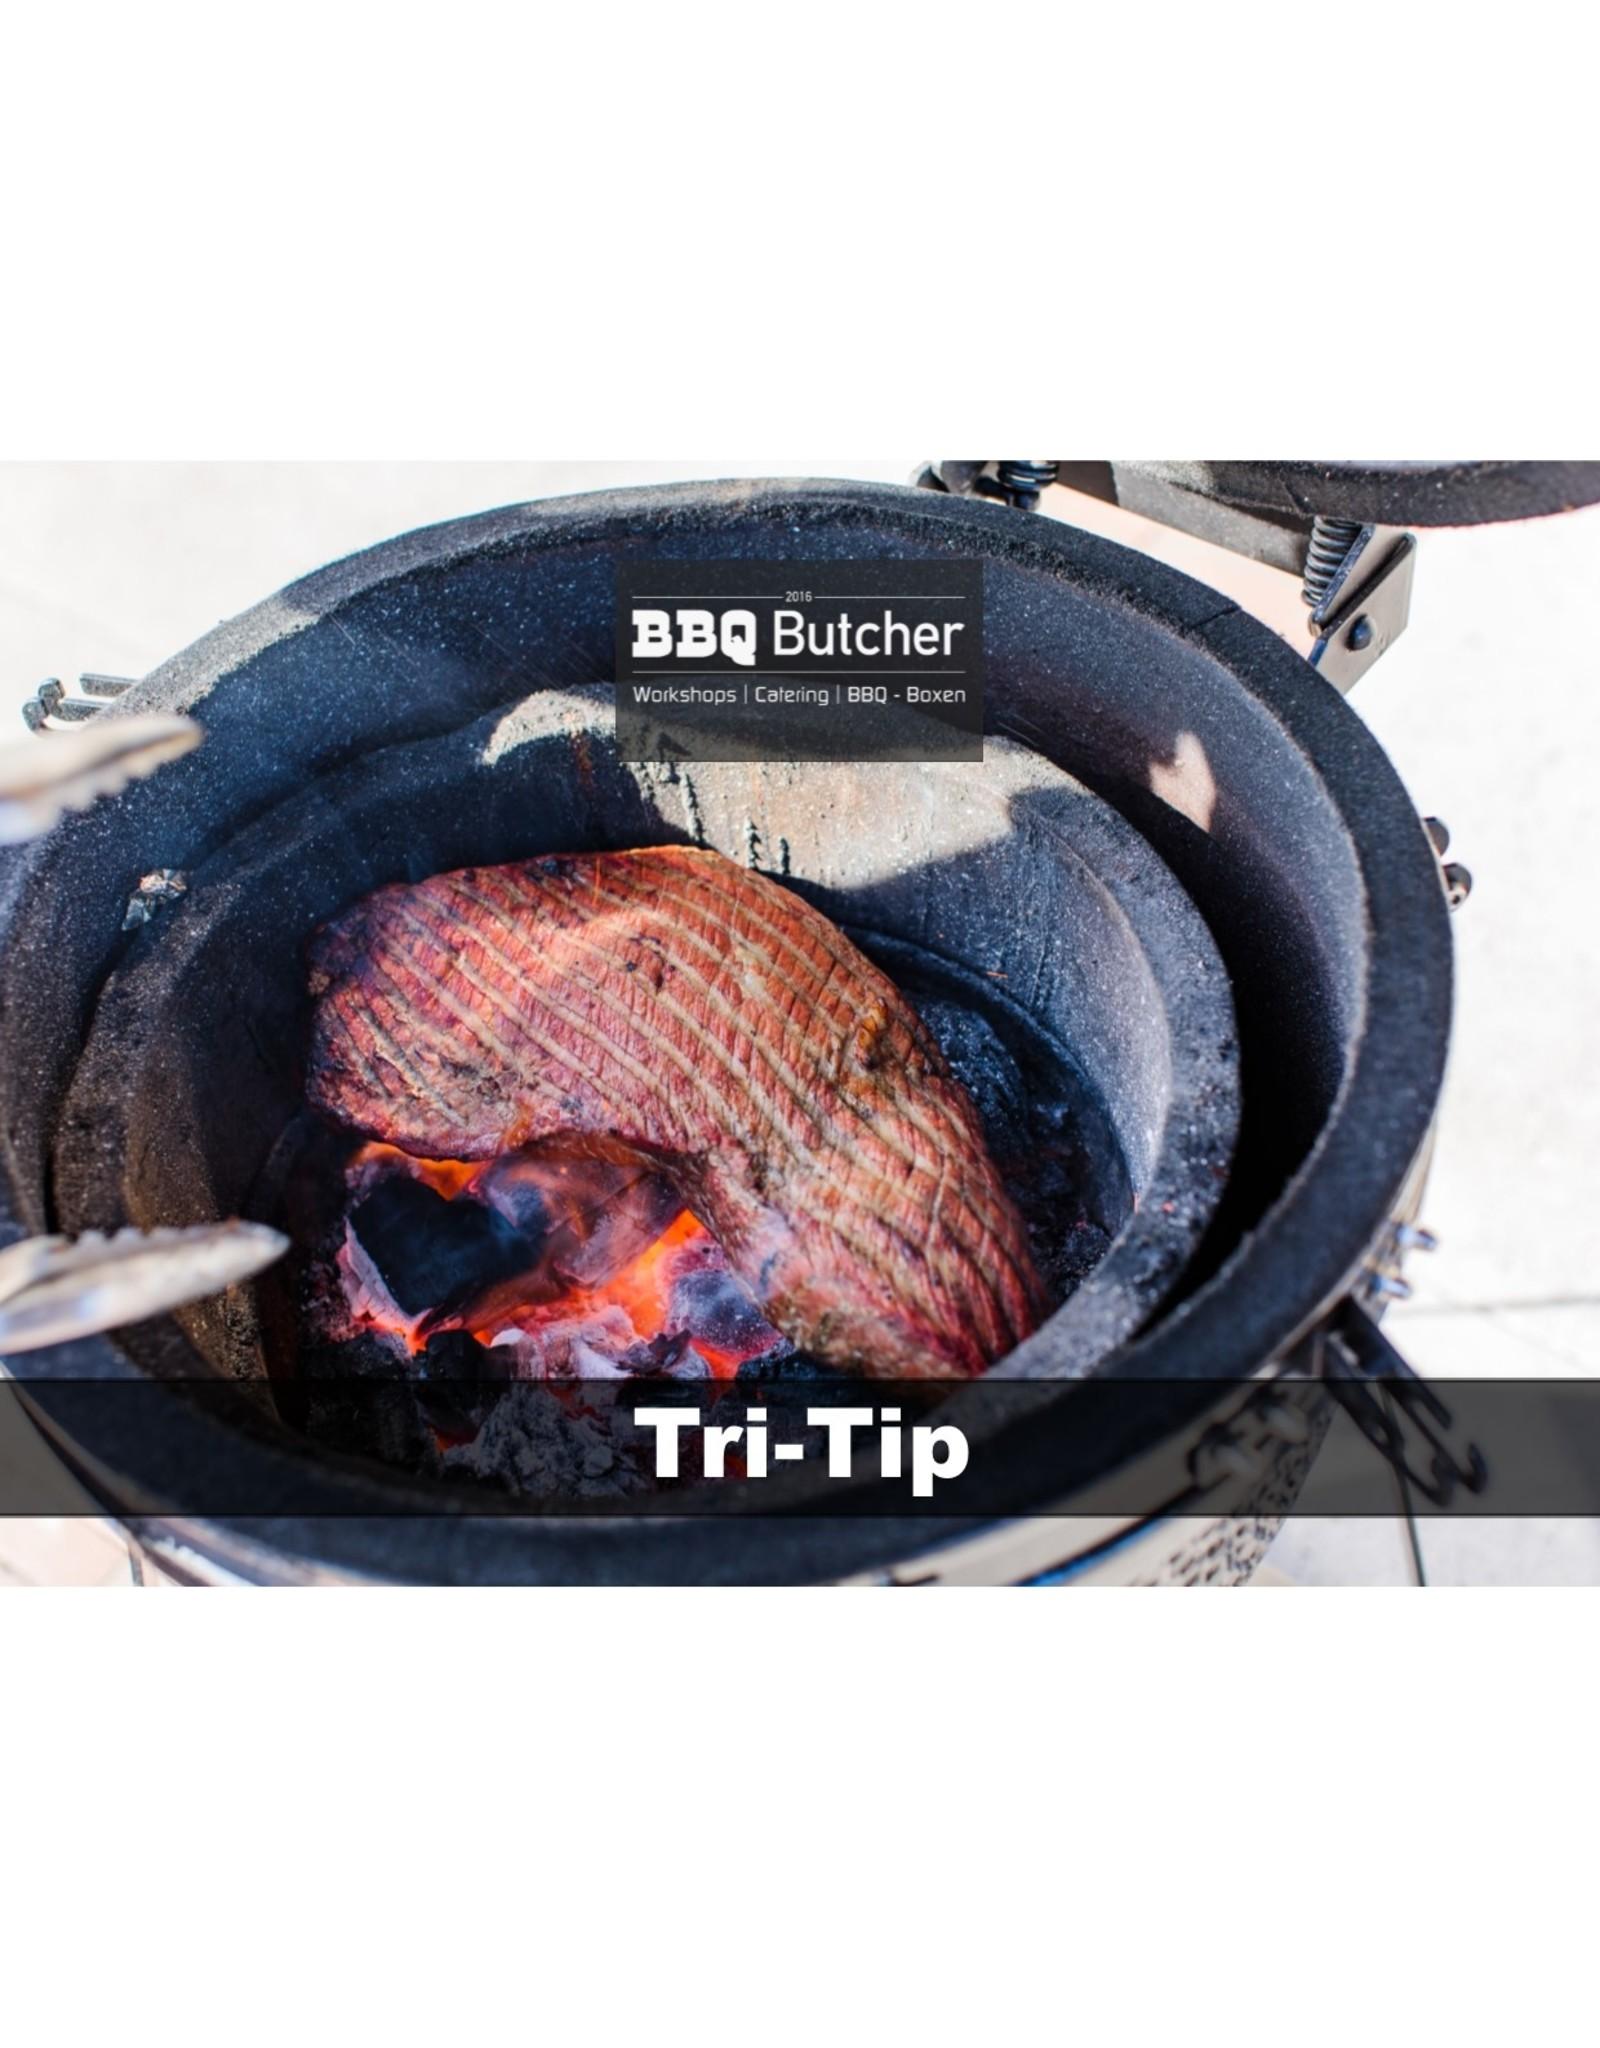 BBQButcher.nl Black Angus Tri-Tip - Graangevoerd - 1kg